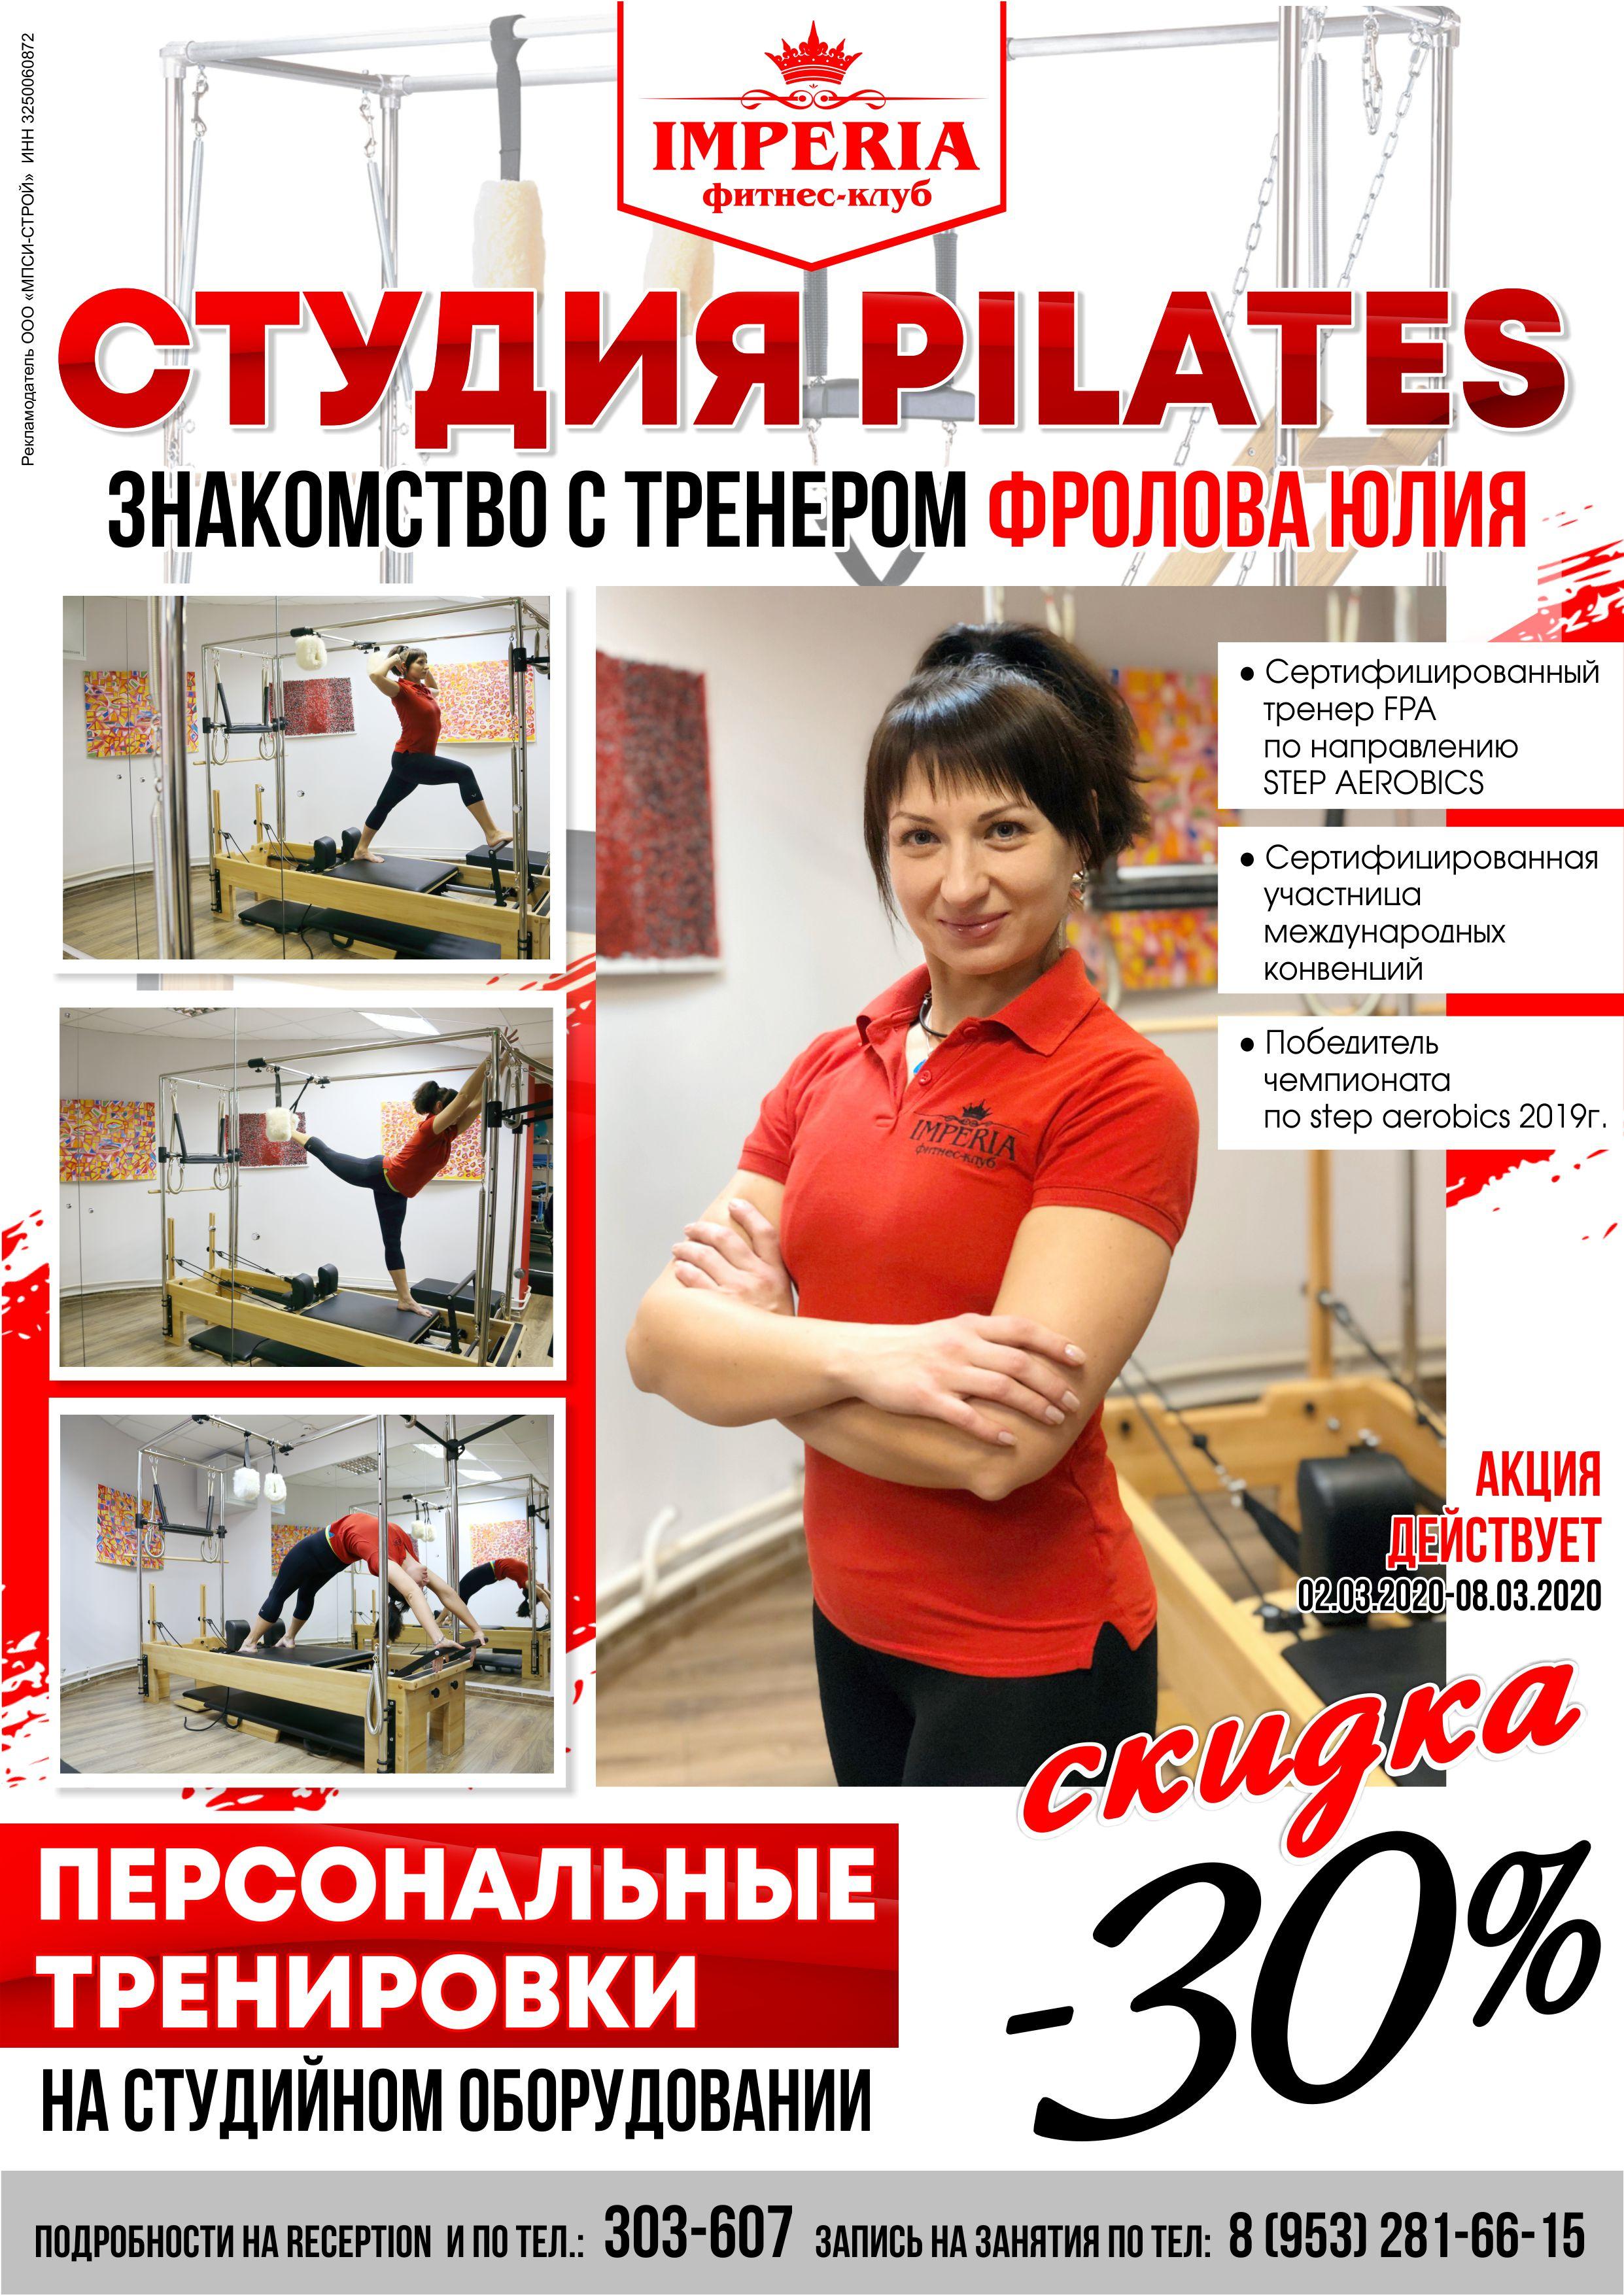 знакомство с Юлия Фролова